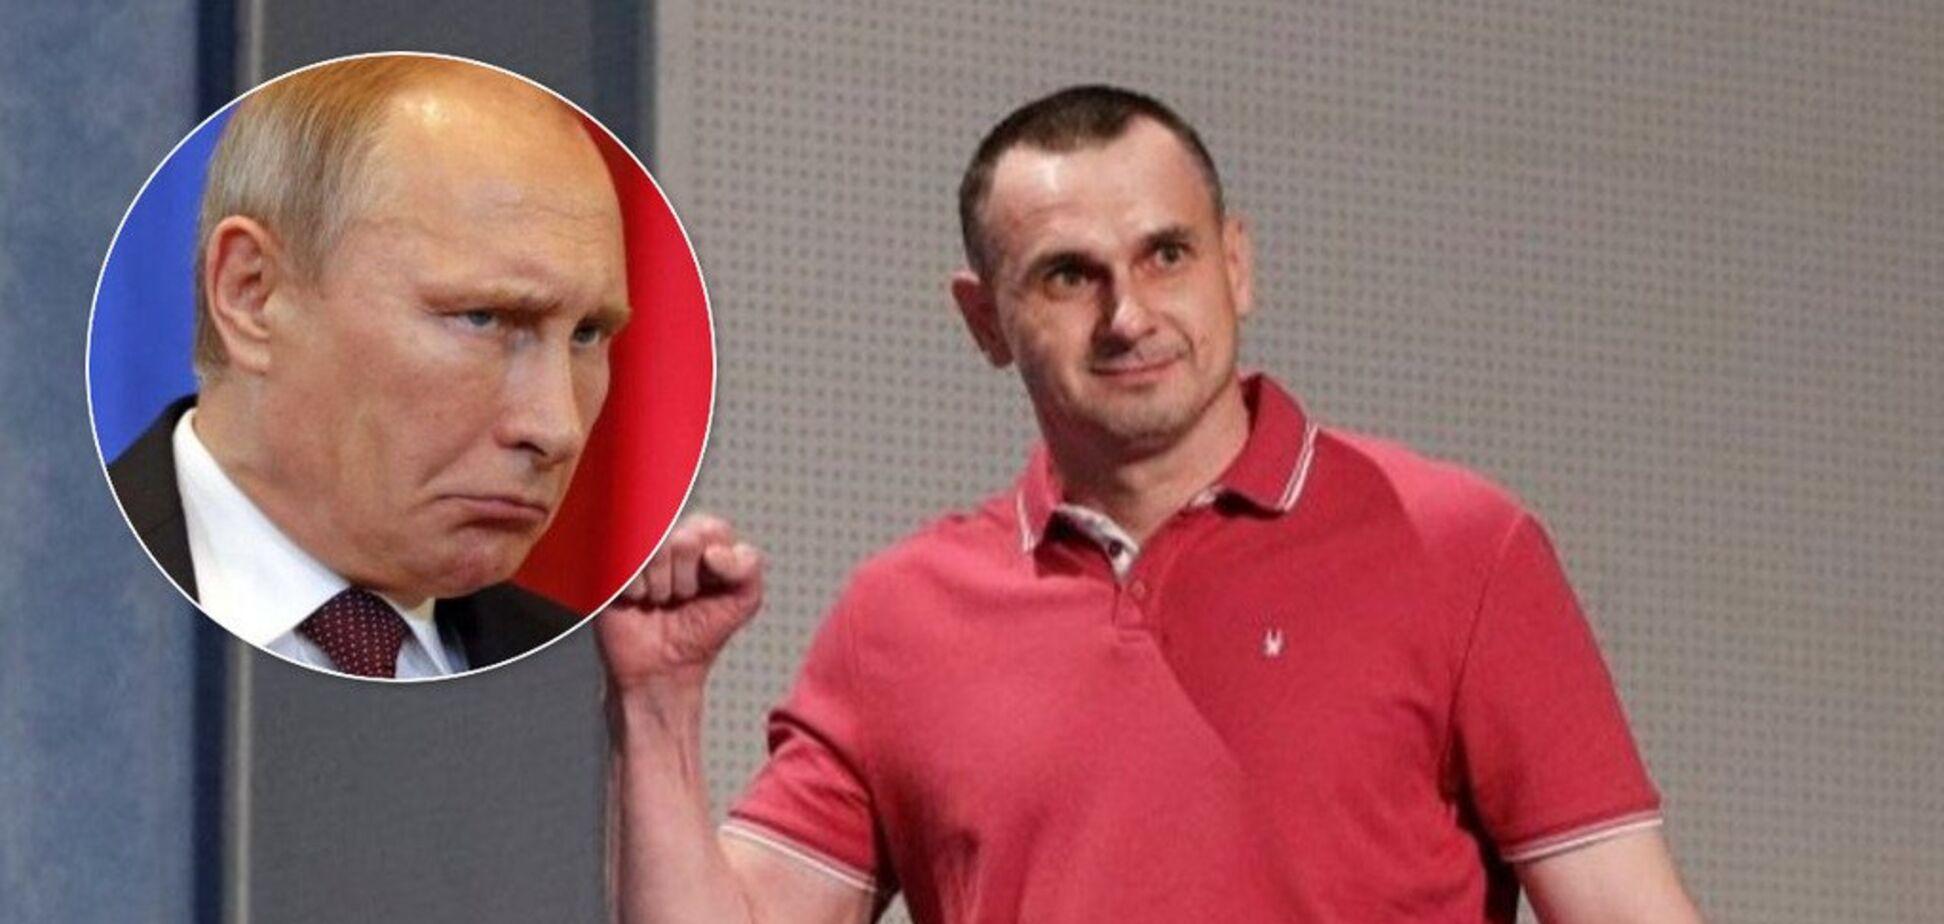 'Відсвяткуємо падіння Путіна!' Сенцов виступив із потужною заявою в США